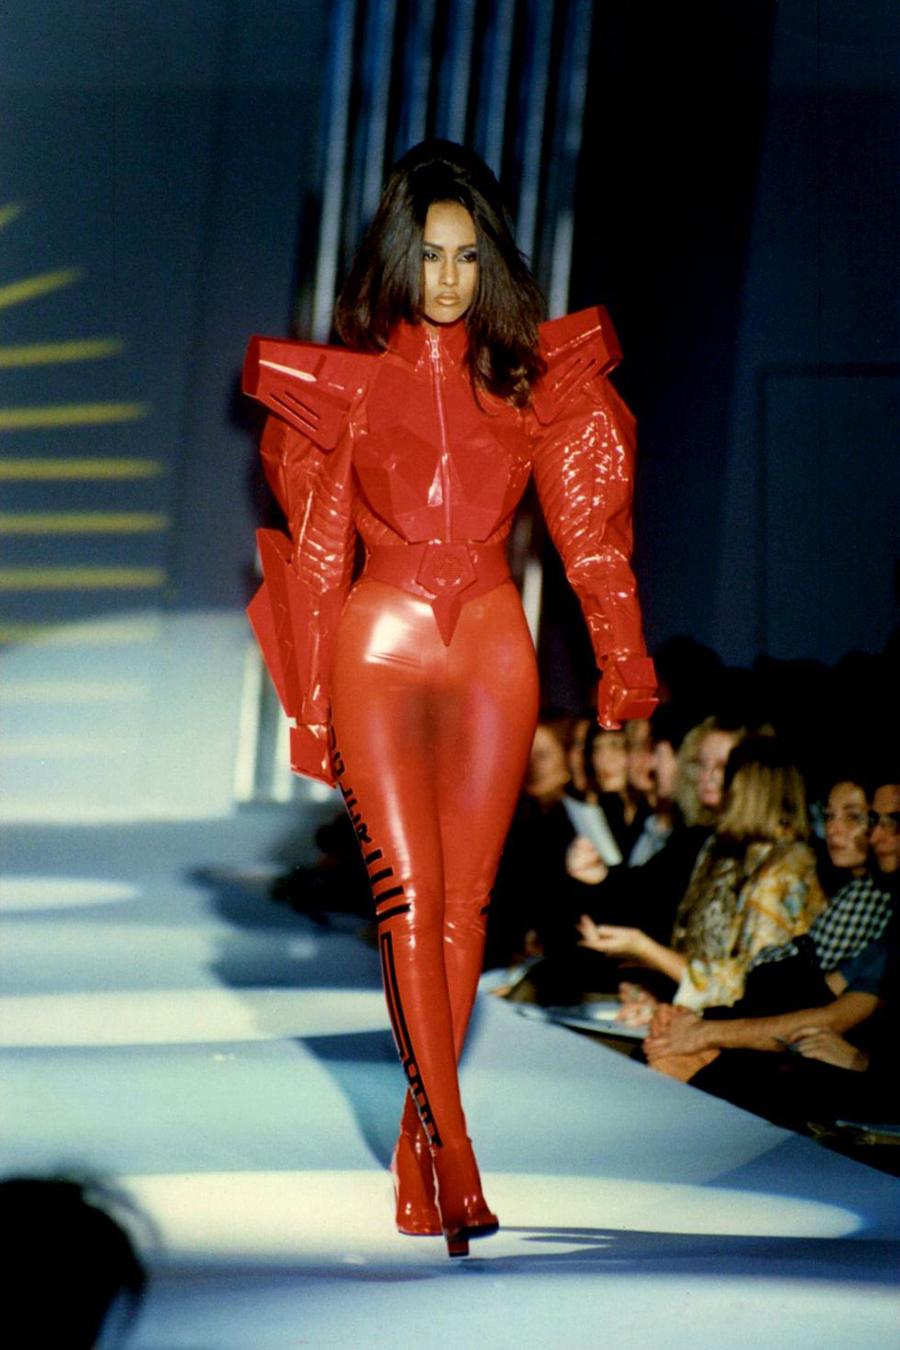 Trong show Xuân Hè 1991 của Thiery Mugler, cô tái xuất sàn diễn với vai trò người mẫu khách mời đặc biệt của nhà thiết kế người Pháp. Người đẹp diện jumpsuit đỏ da bóng với phần trên được thiết kế như người máy.